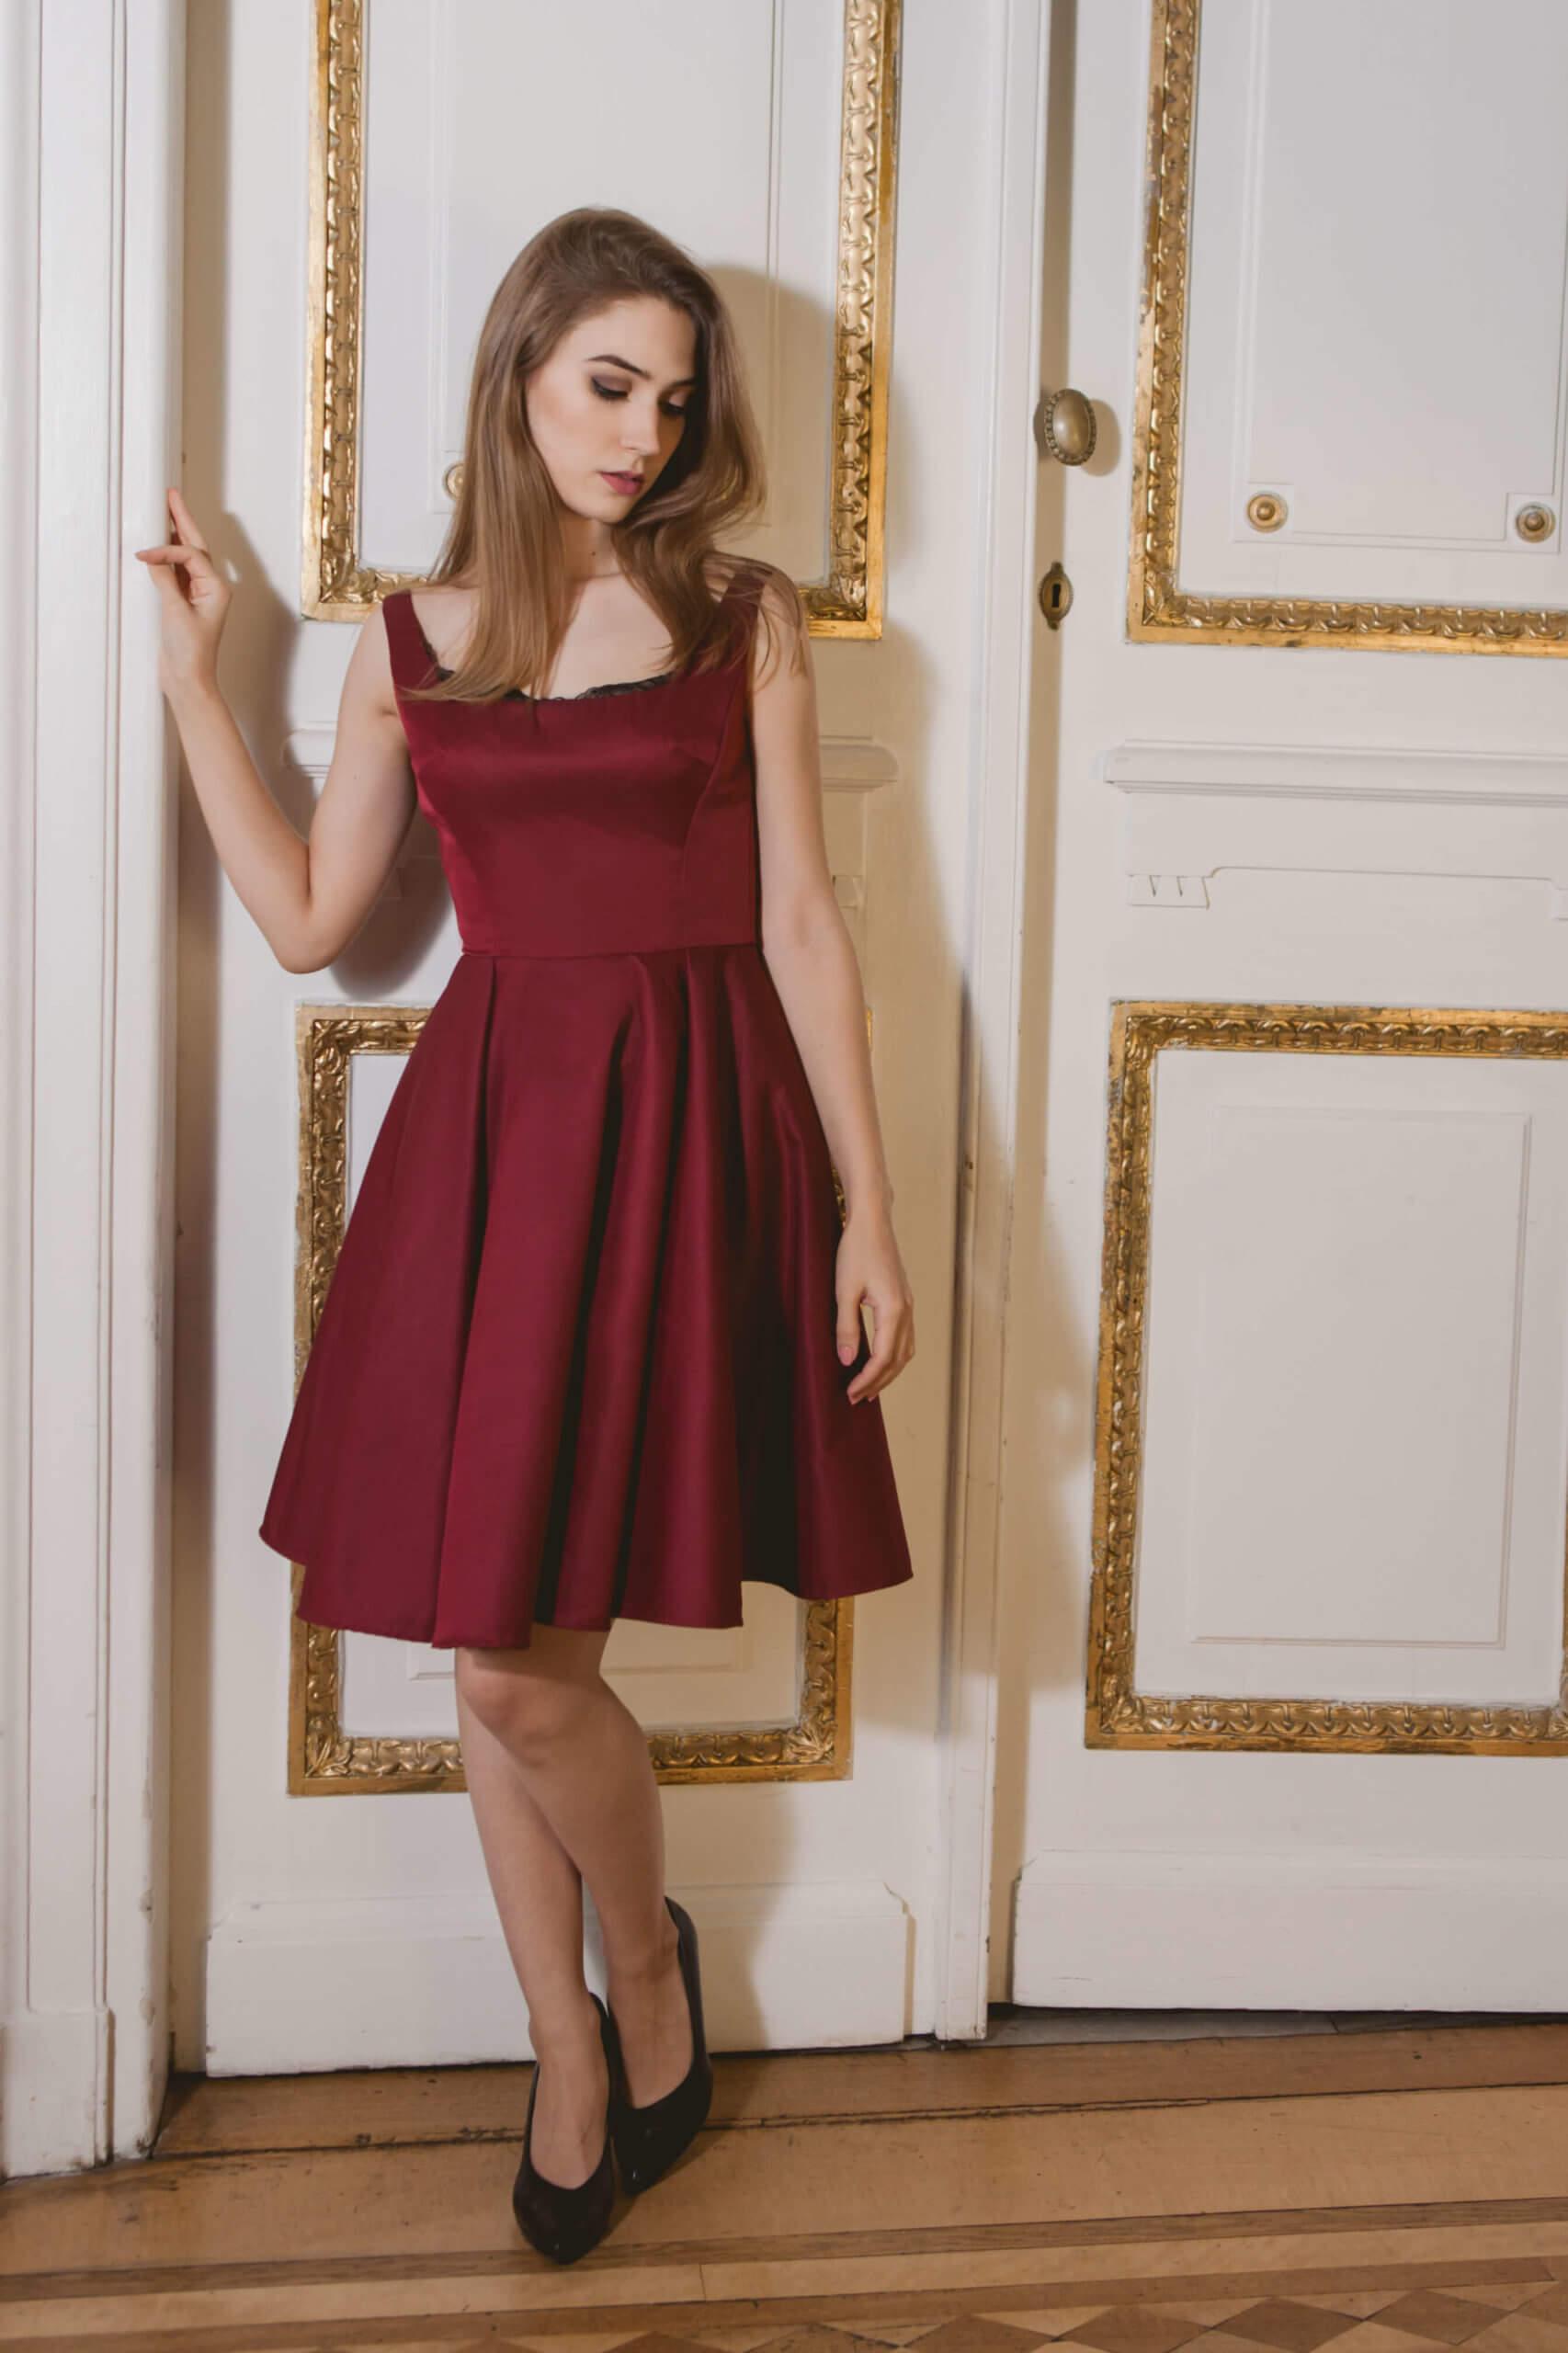 makijaż do czerwonej sukienki warszawa